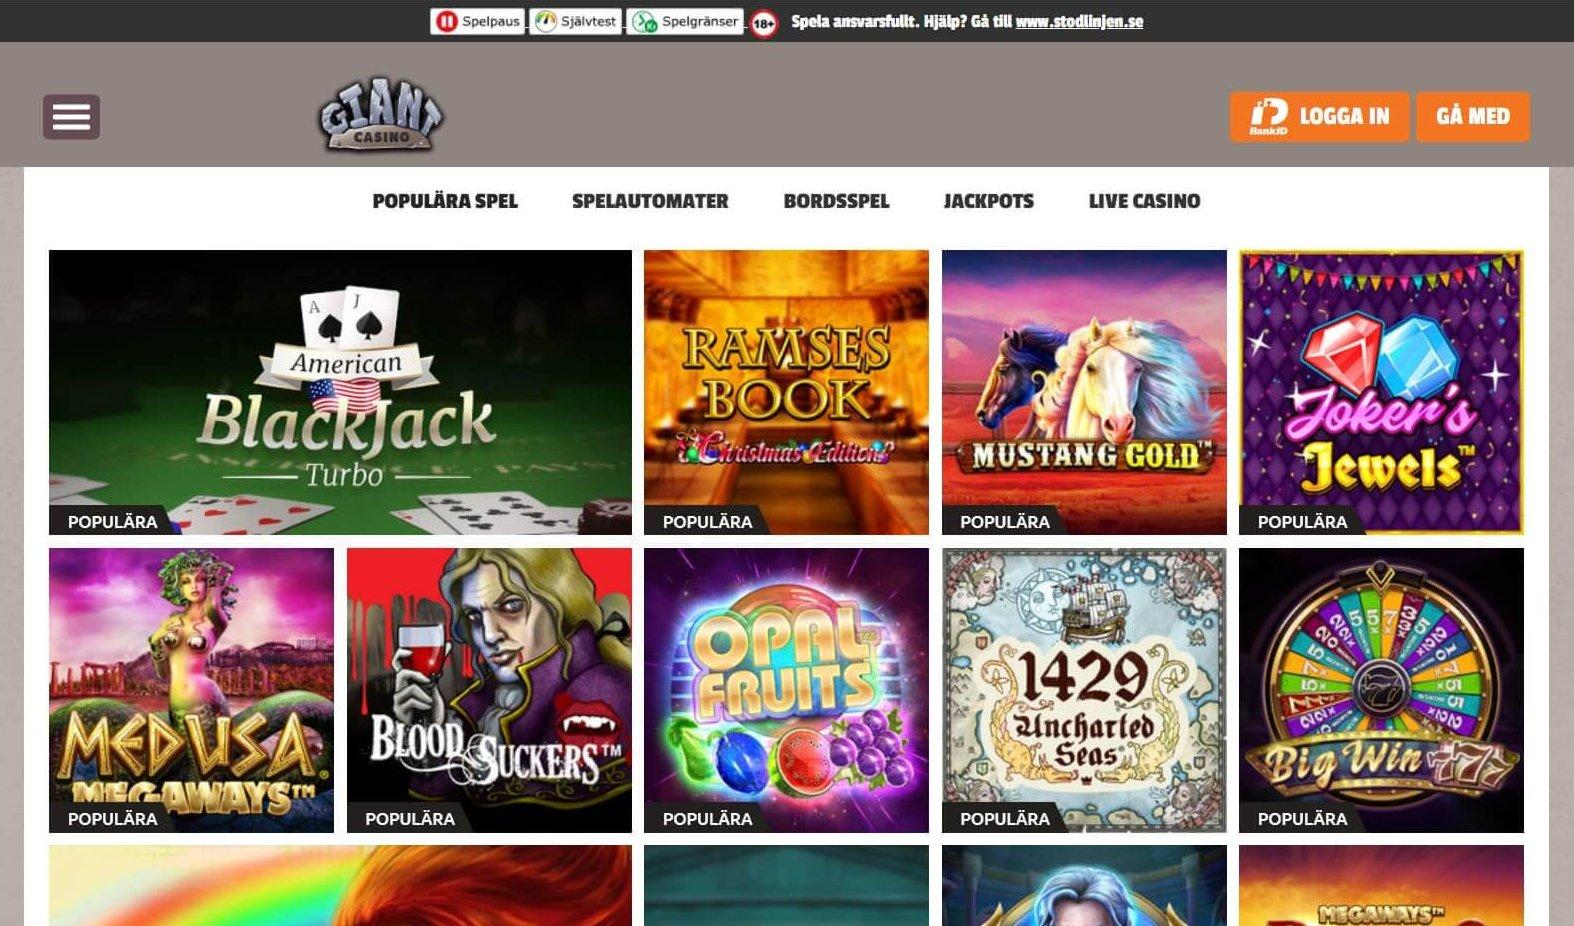 Giant Casino har en användarvänlig sajt fyllt med mängder av spel